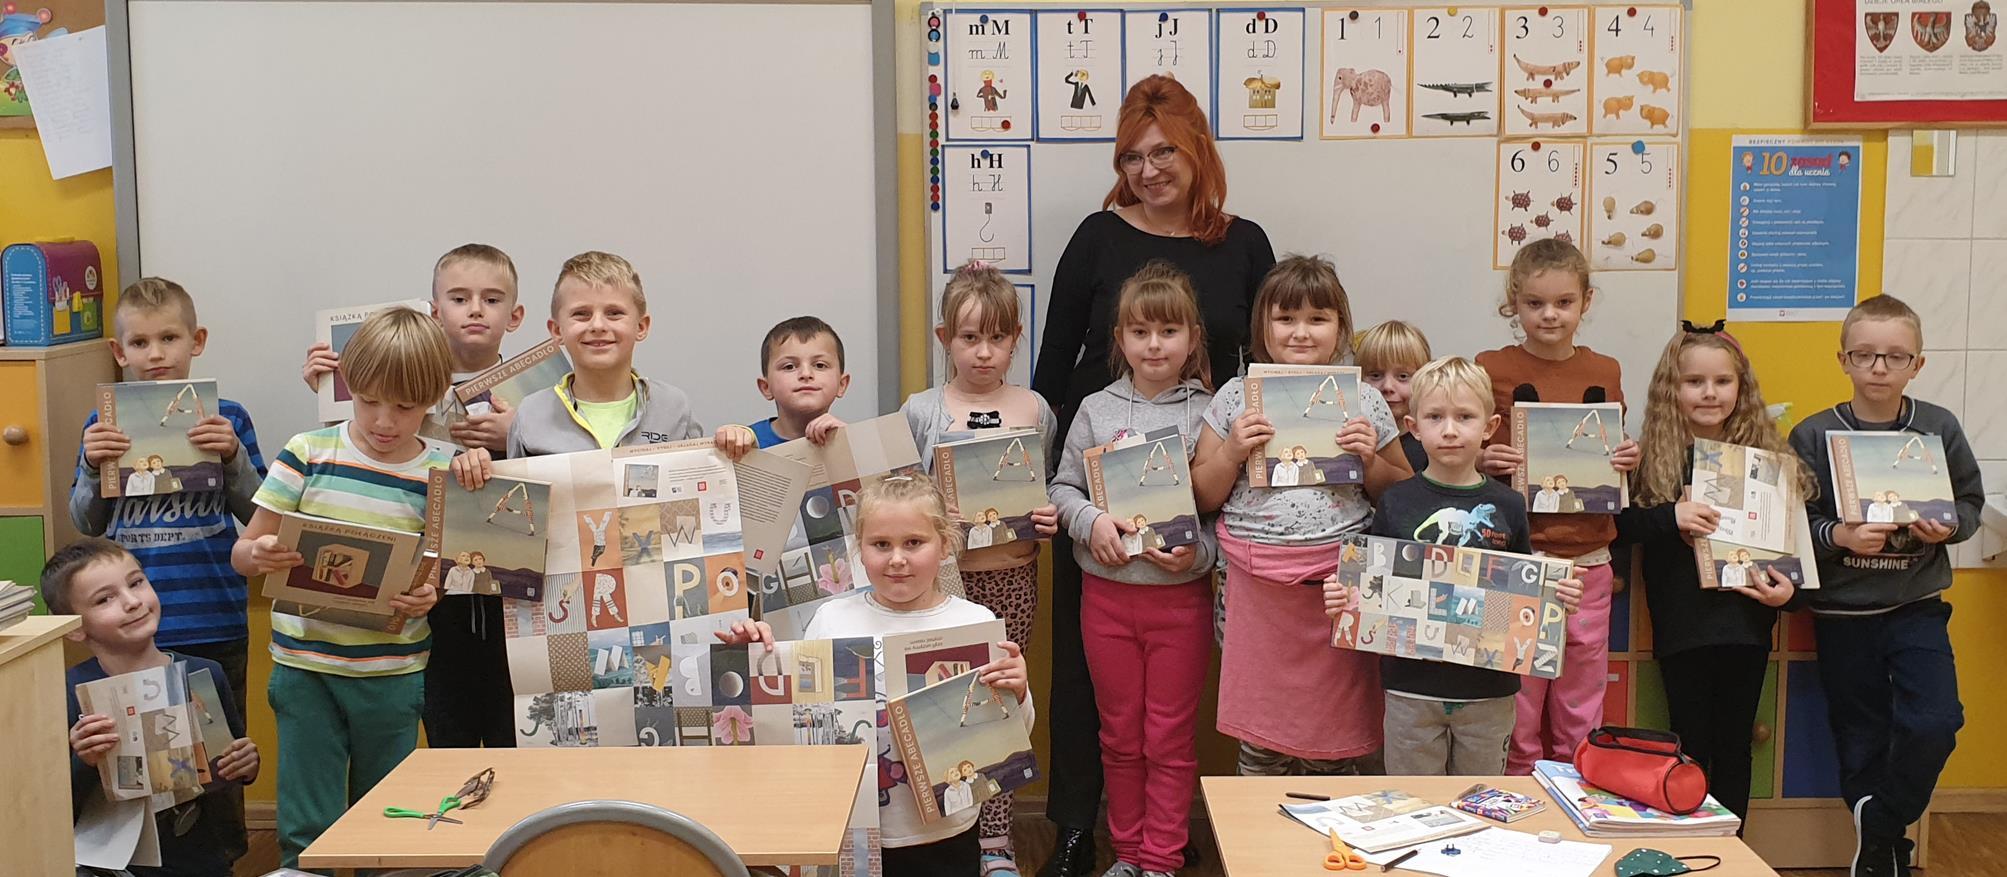 Uczniowie klasy I razem z wychowawcą demonstrują swoje prezenty w postaci książek i kreatywnego alfabetu.